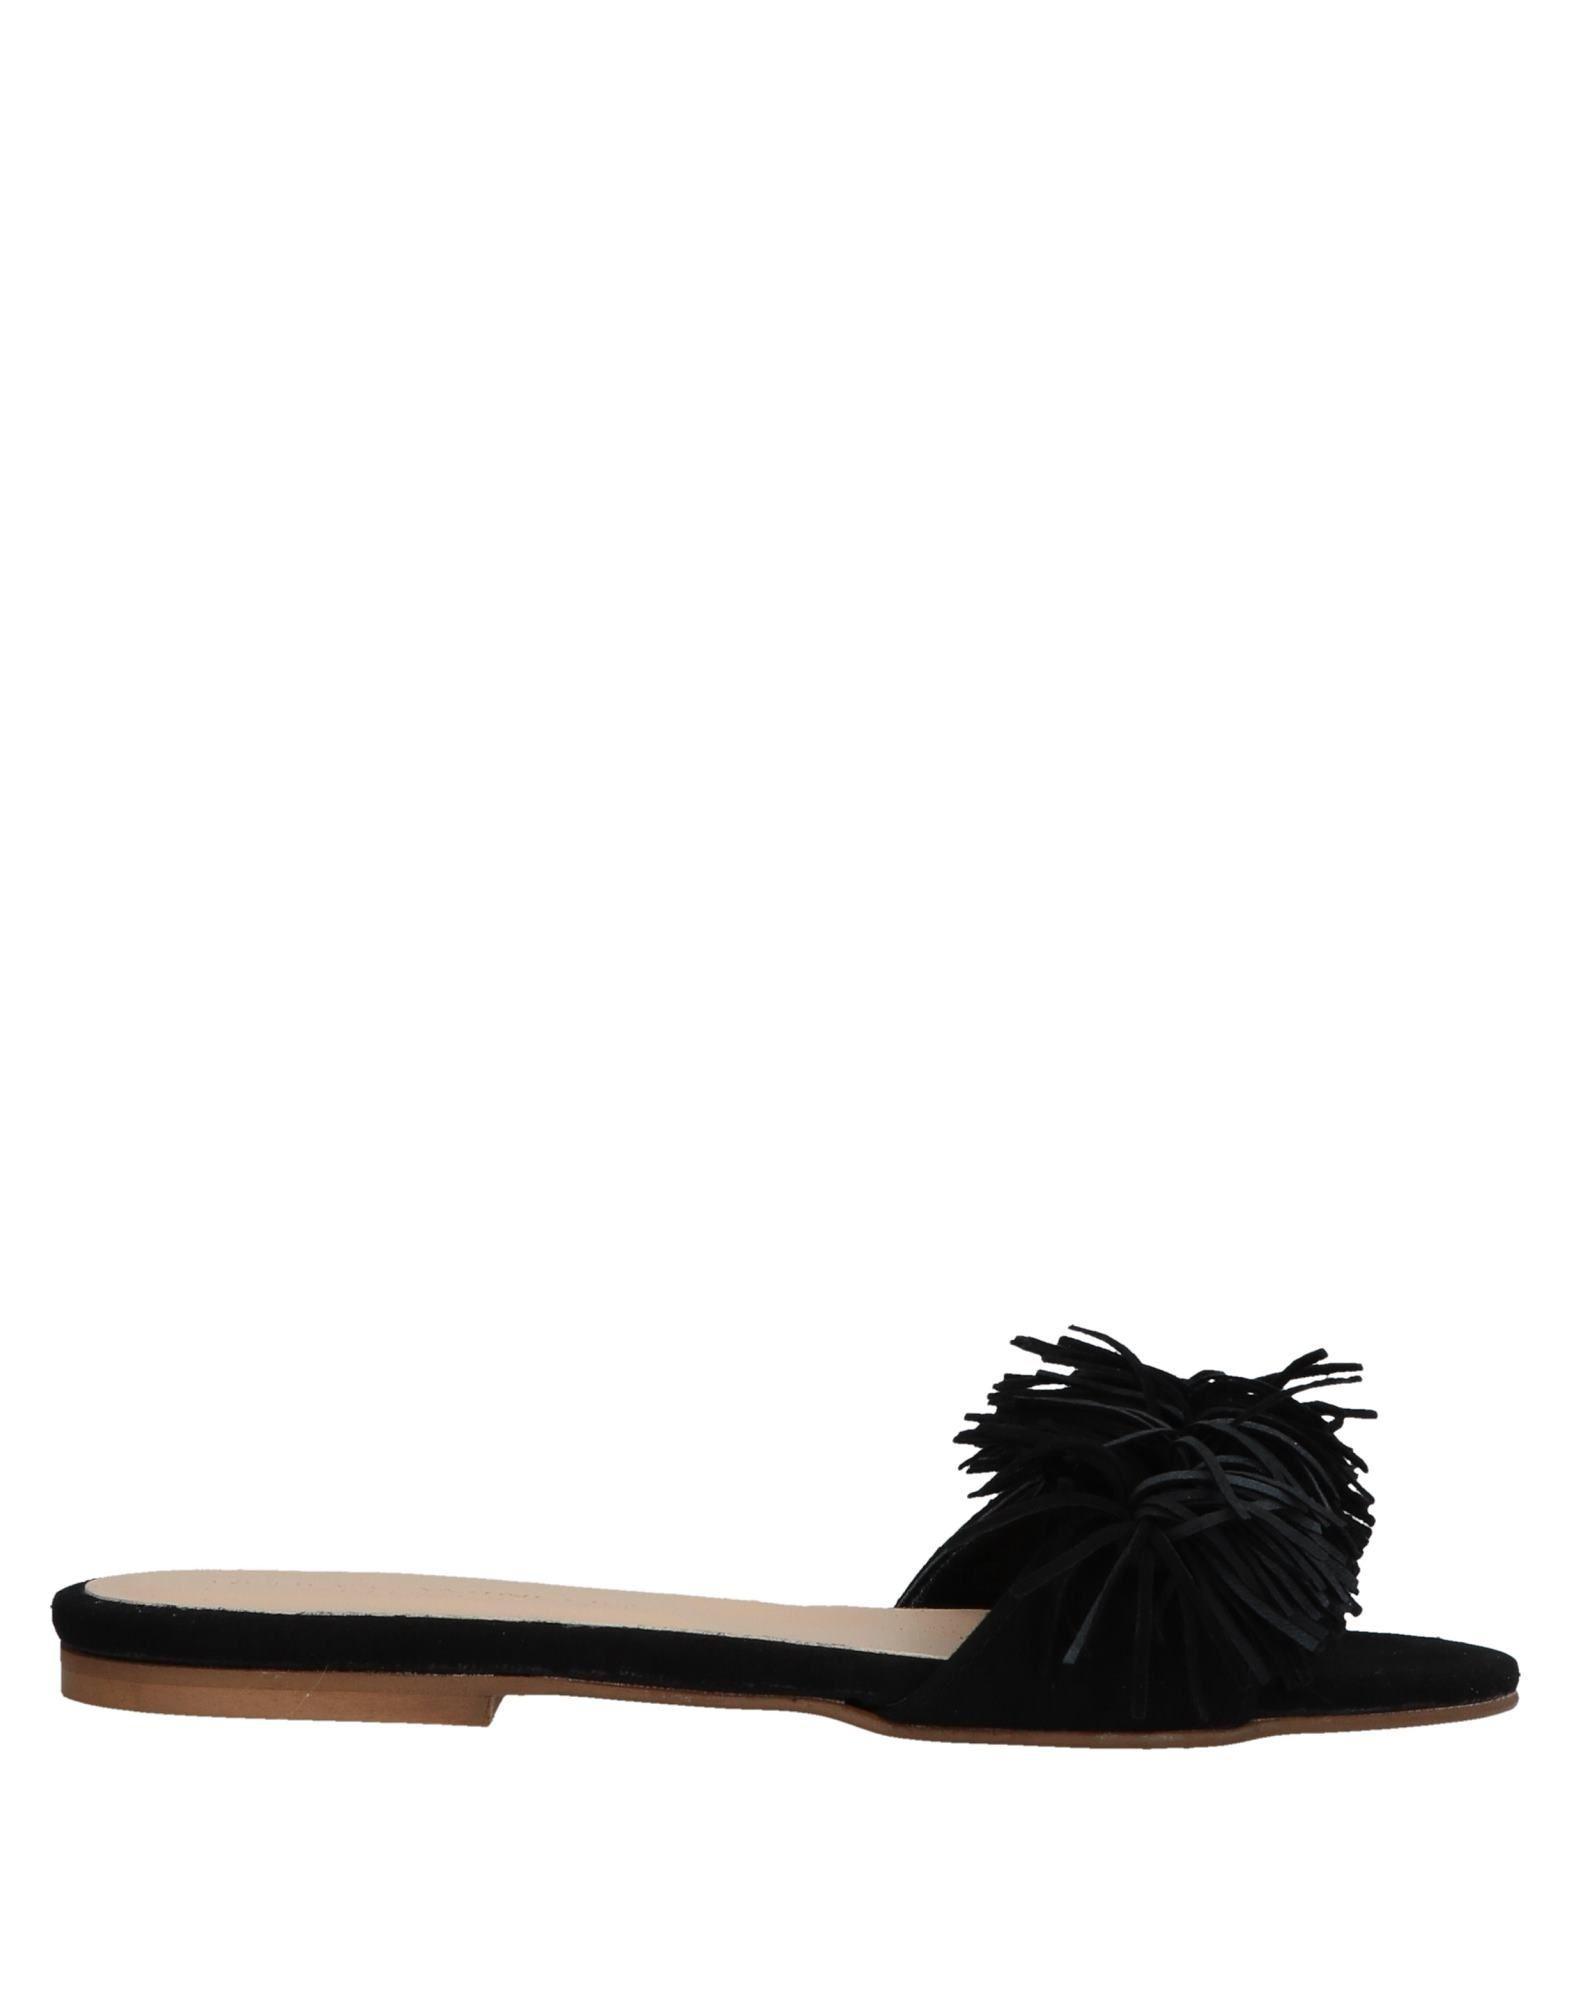 29892ad71b68 Lyst - Rebecca Minkoff Sandals in Black